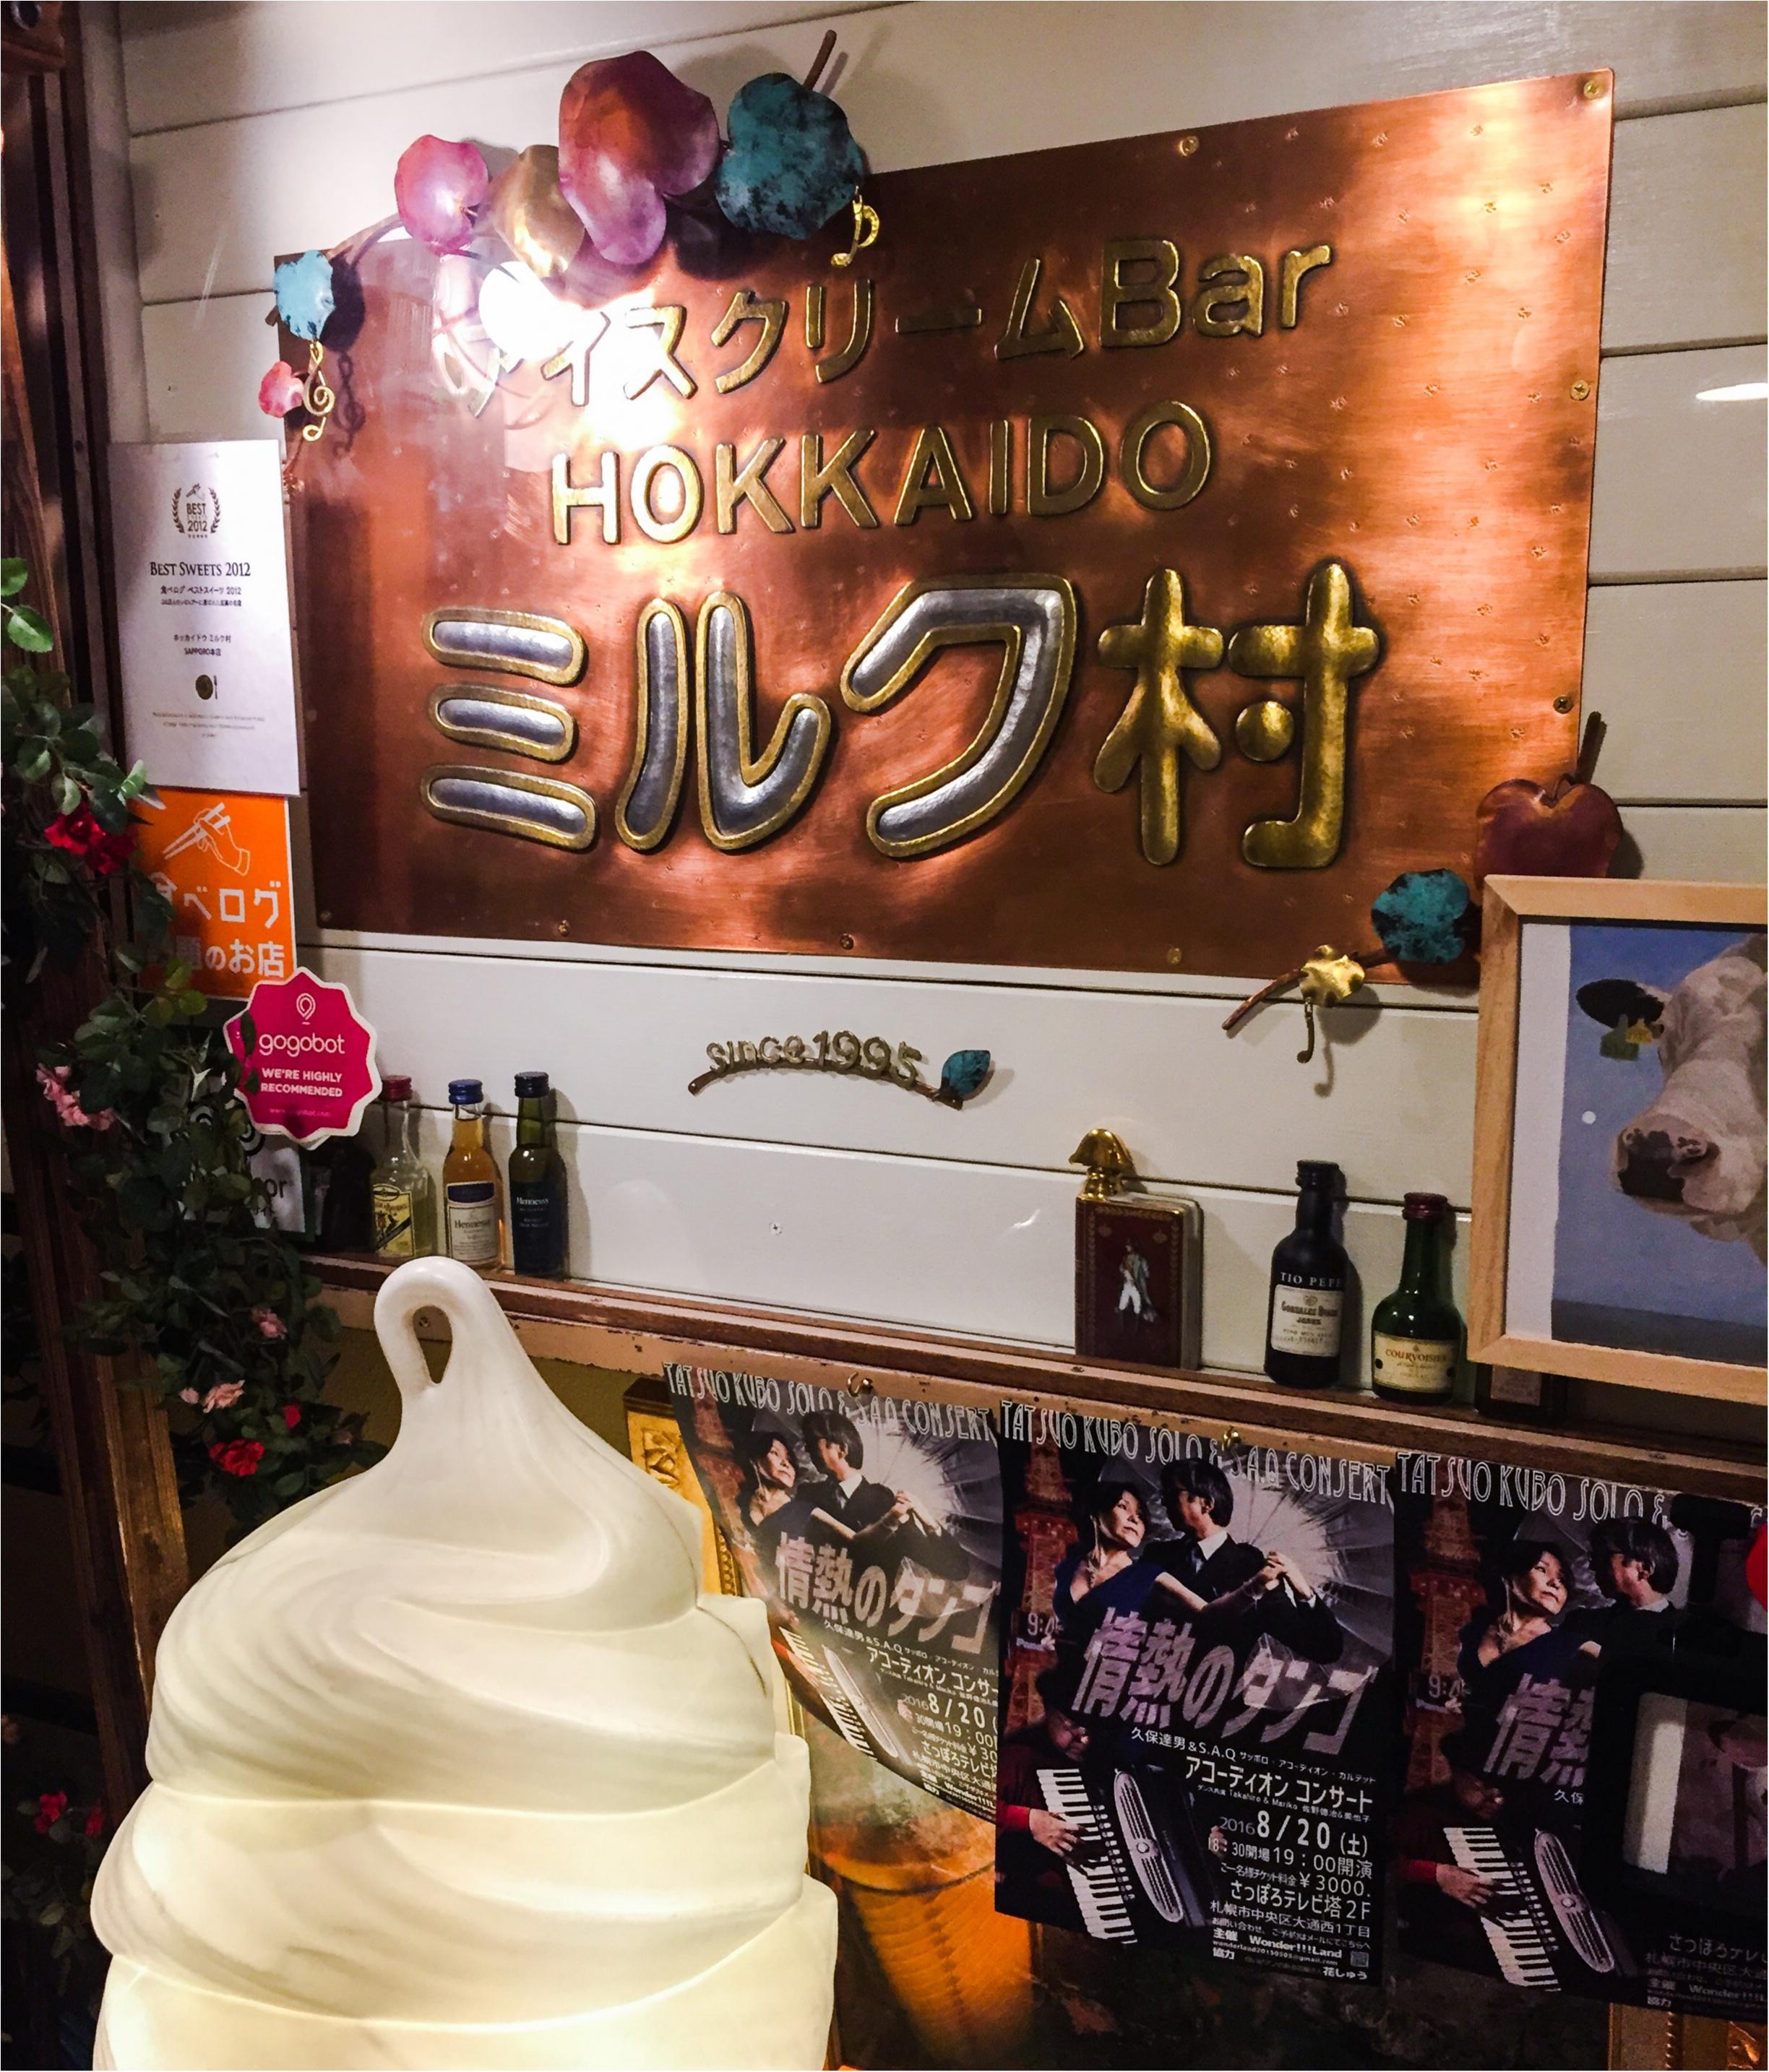 【北海道】隠れ家ソフトクリームバー✨ミルク村へ行ってきました✨【すすきの】_2